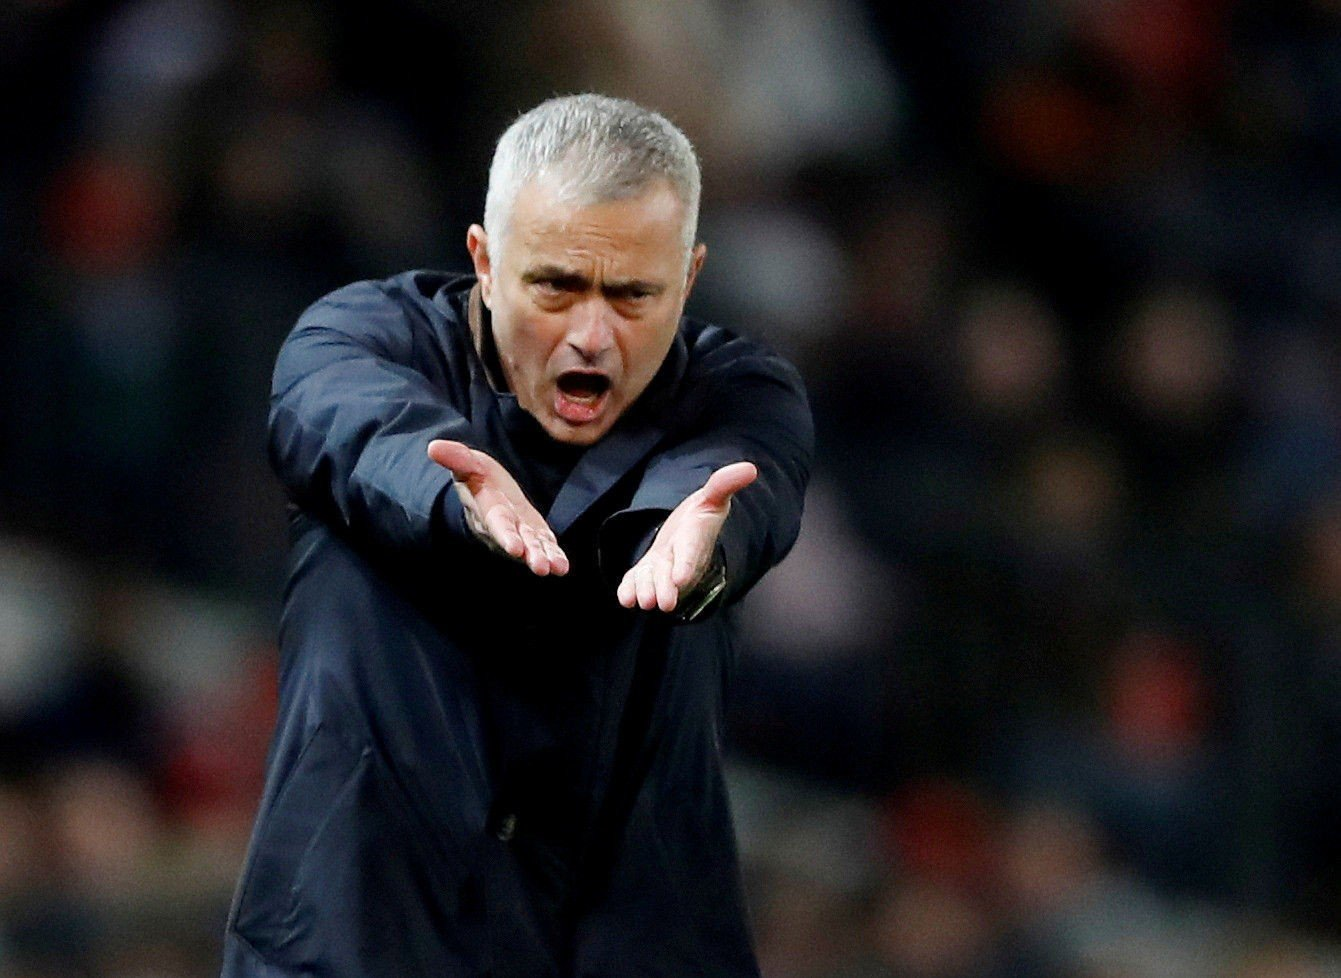 BLIR VÆRENDE: Manchester United-manager José Mourinho blir værende i klubben, fastslår «superagent» Jorge Mendes.